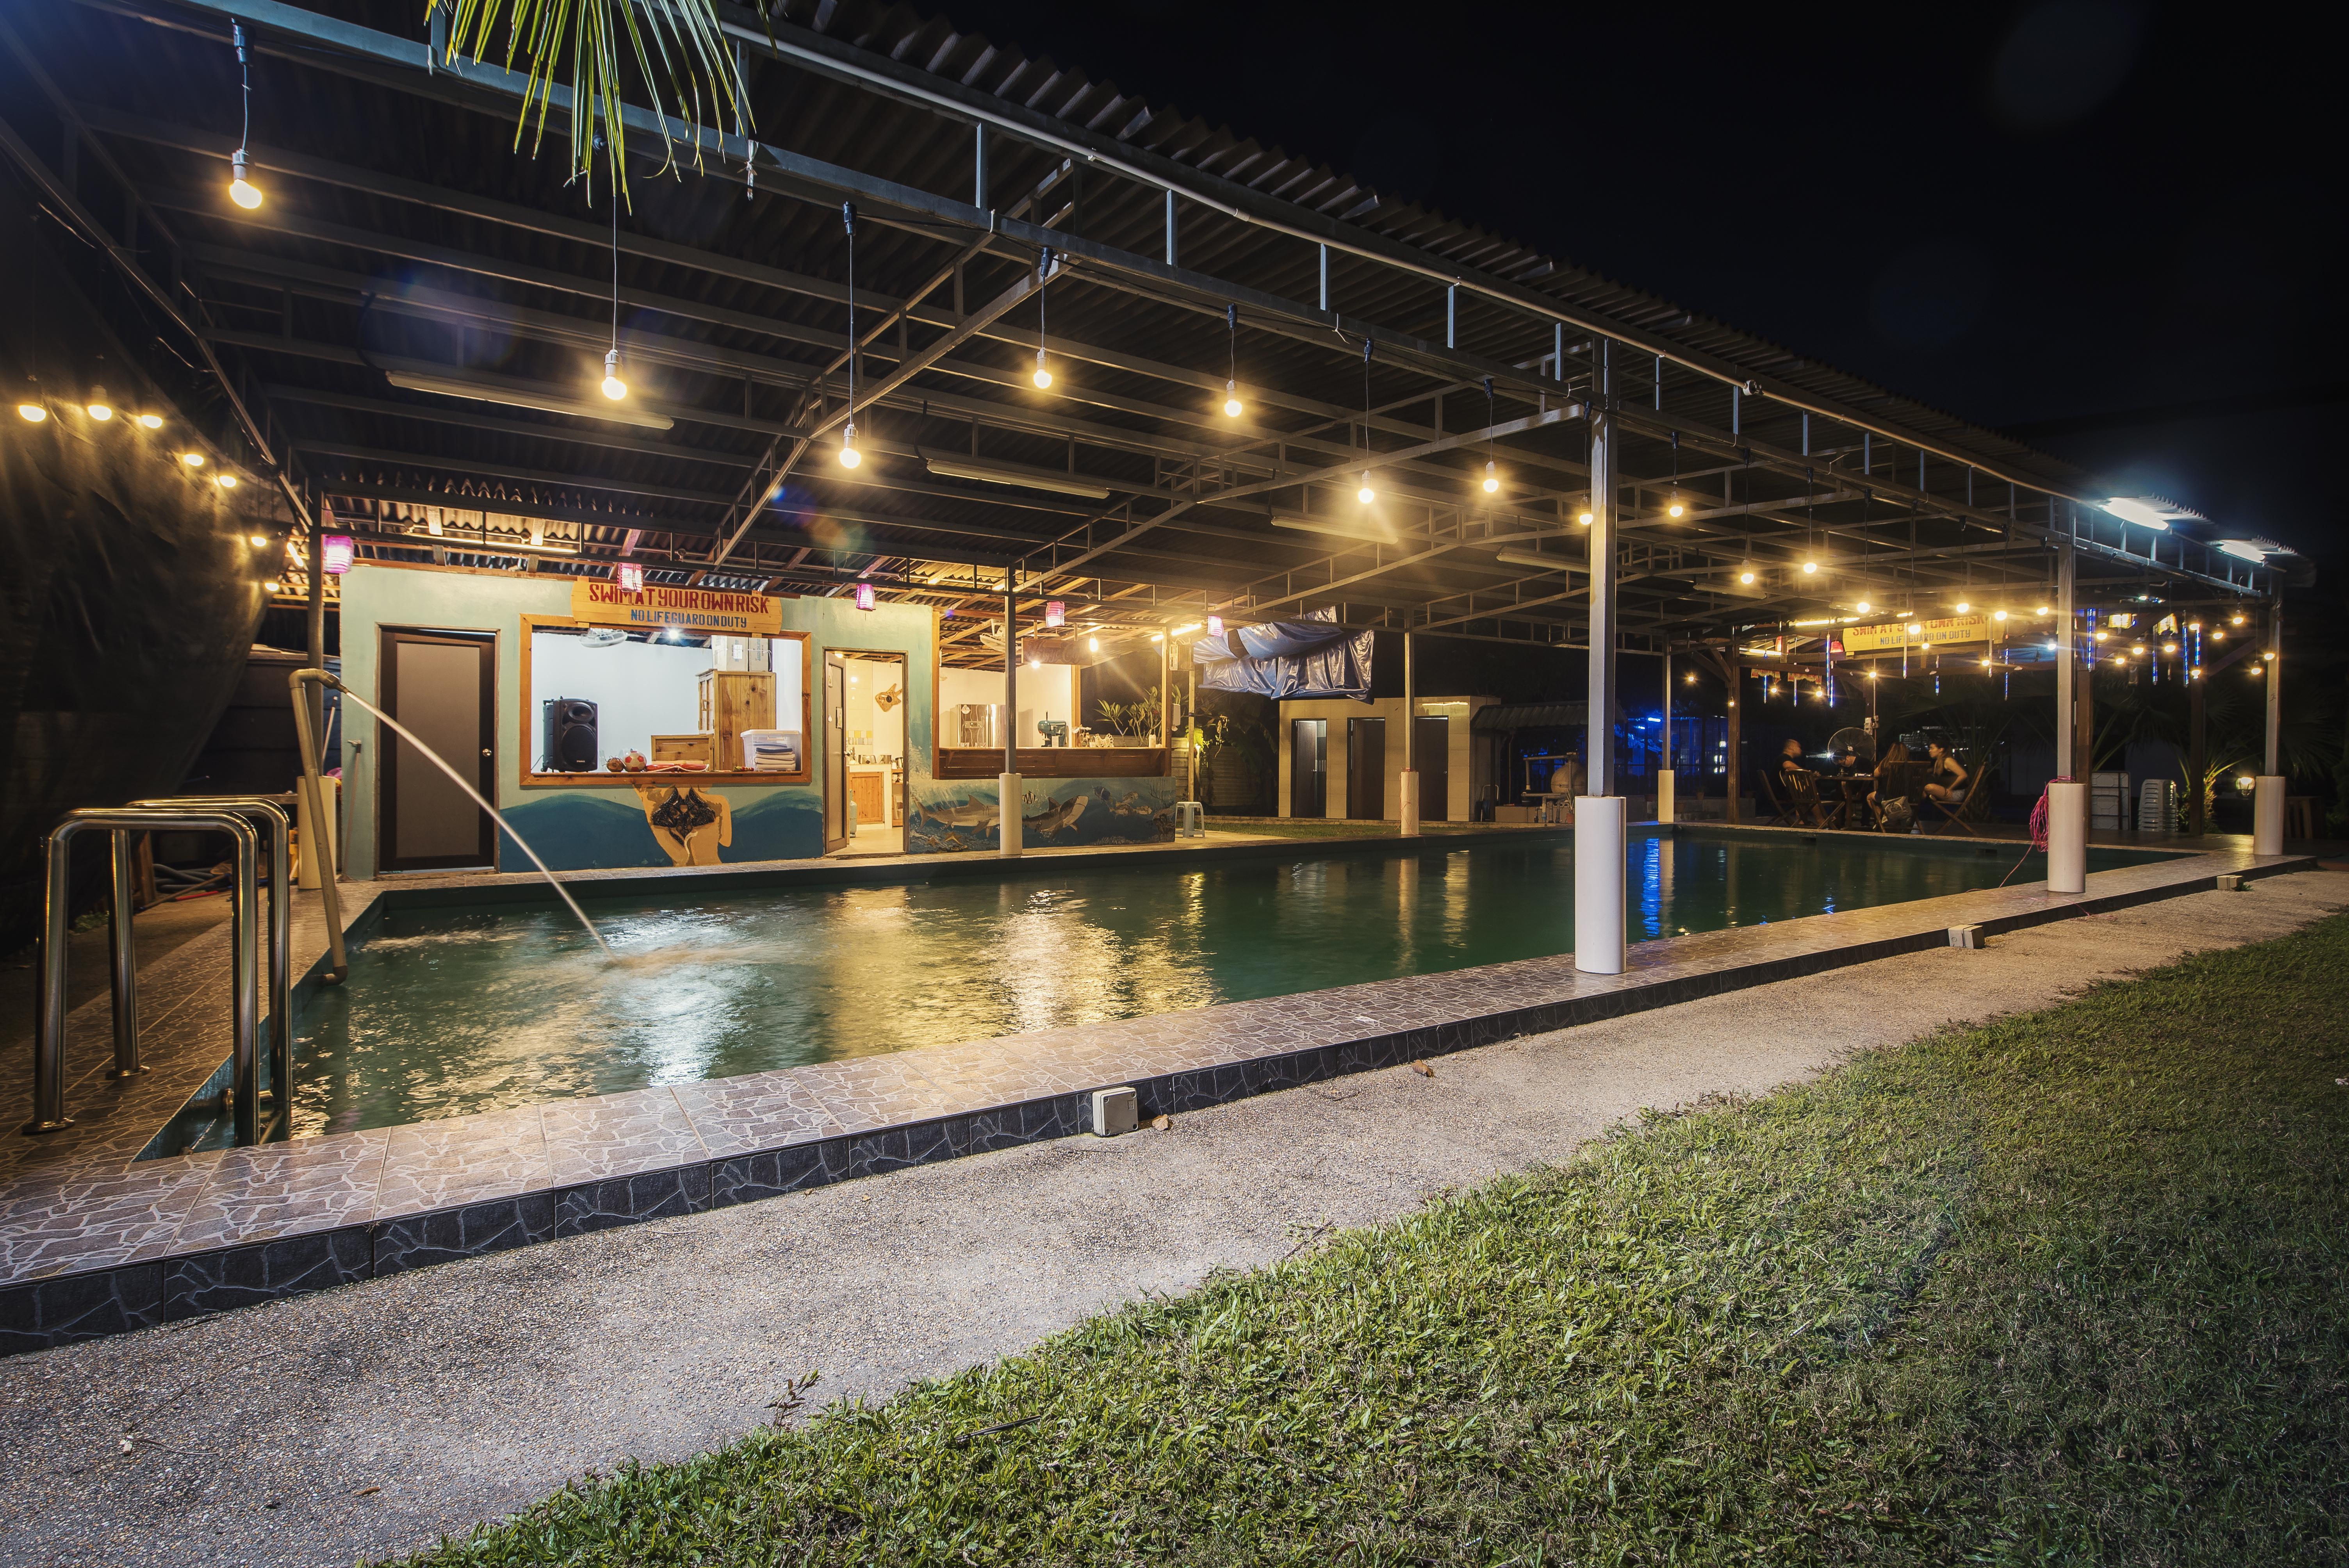 swimming pool - night